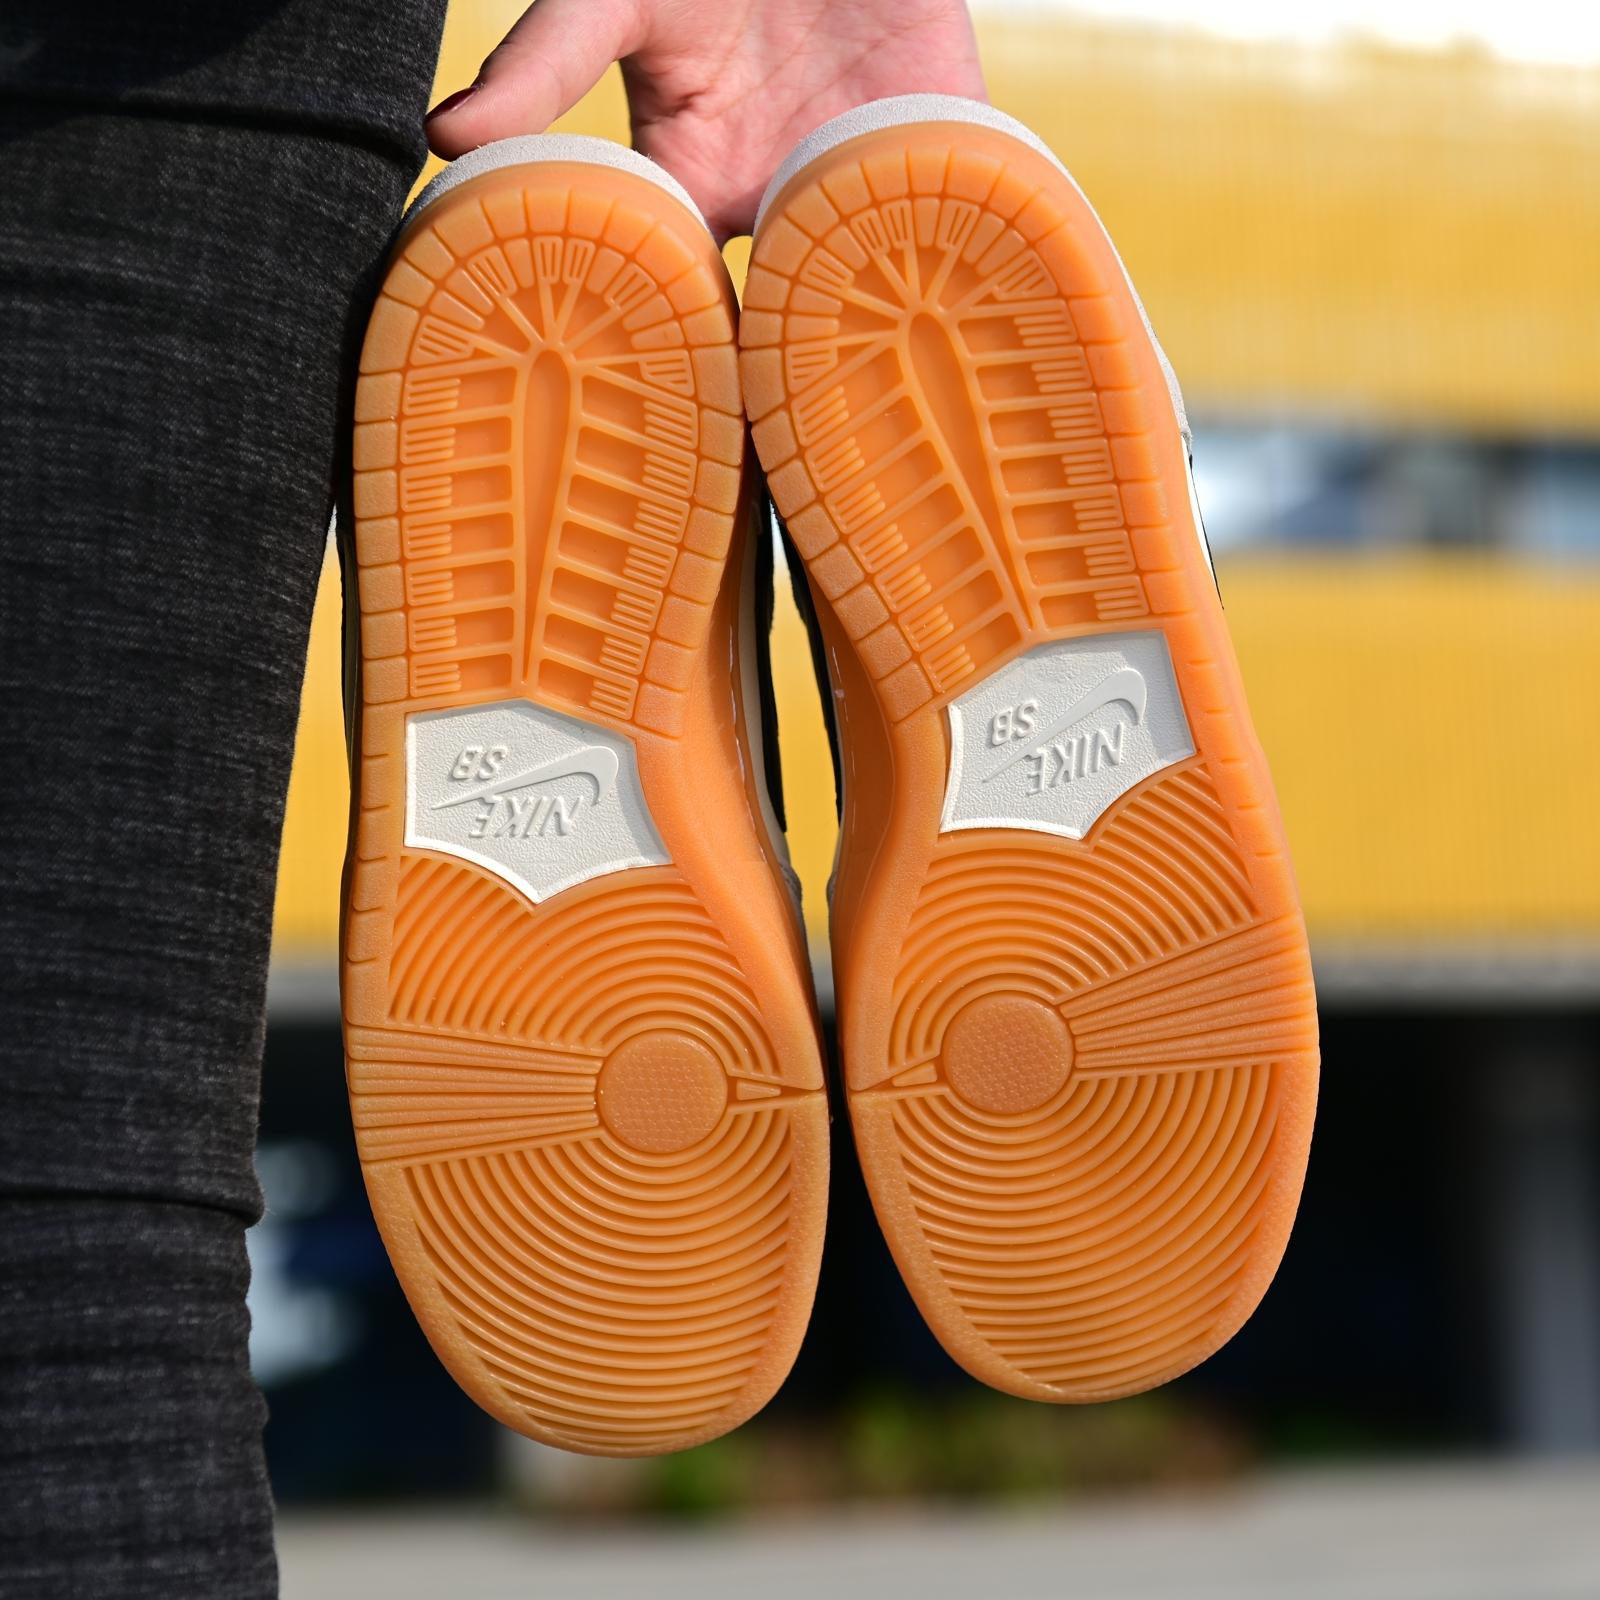 ?280Nike SB Dunk Low Pro 复古白绿海外限定 货号:854866-122#正品渠道购入原鞋开发 百分百渠道原鞋开模打造 整鞋各部皮料均为出自原厂供应 遵循正品皮料供应商指令单 细节精致一比一出货 ‼尺码:36 36.5 37.5 38 39 40 40.5 41 42 42.5 43 44